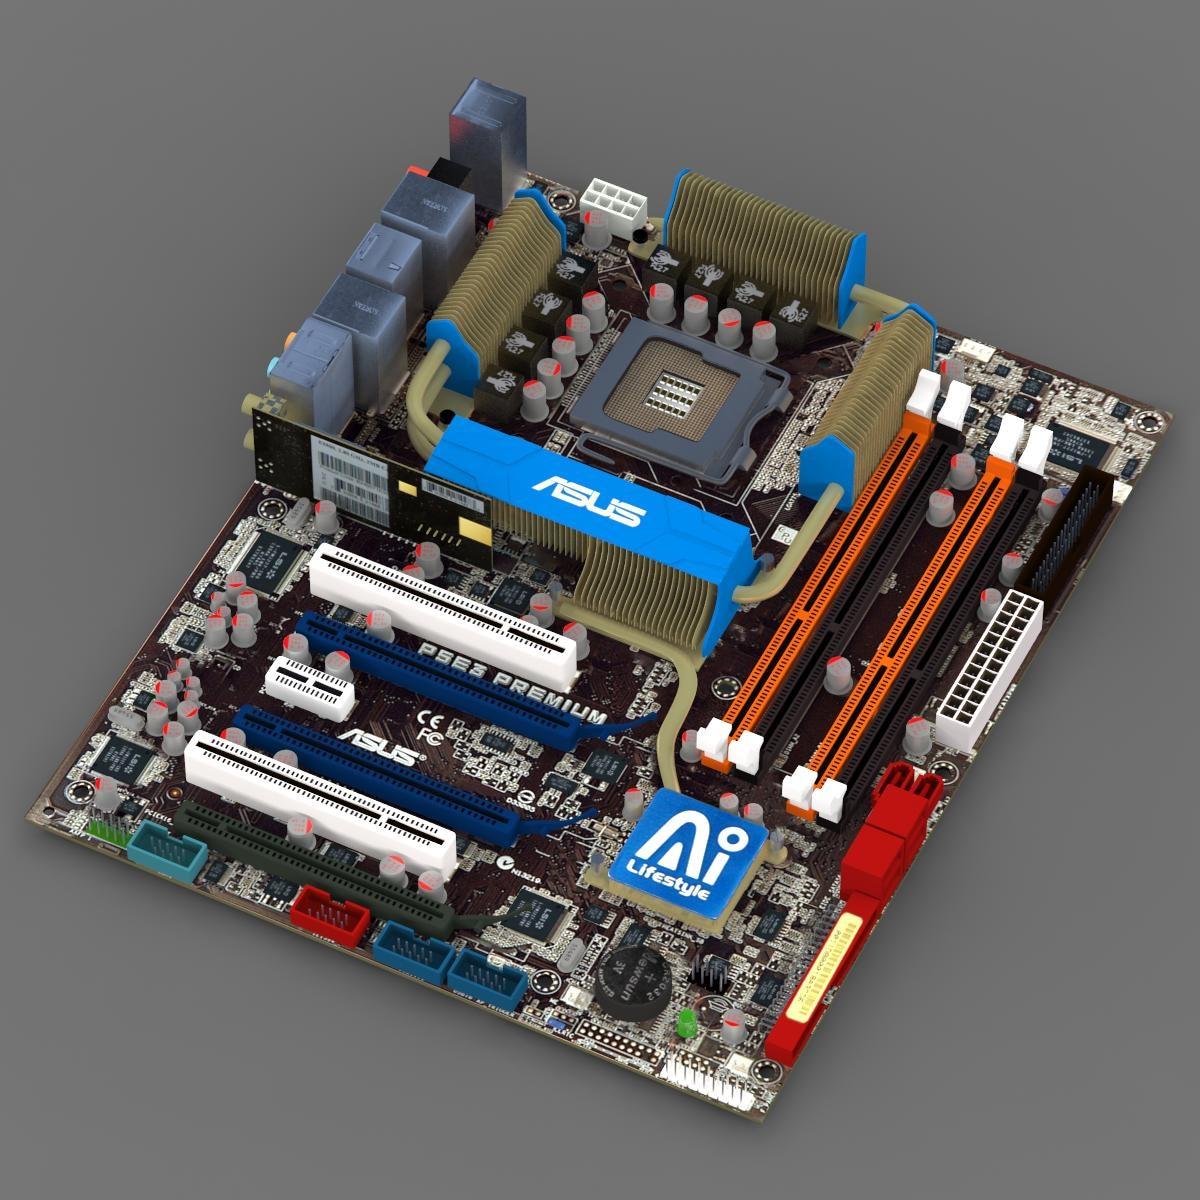 Motherboard_Asus_P5E3_Premium.jpg